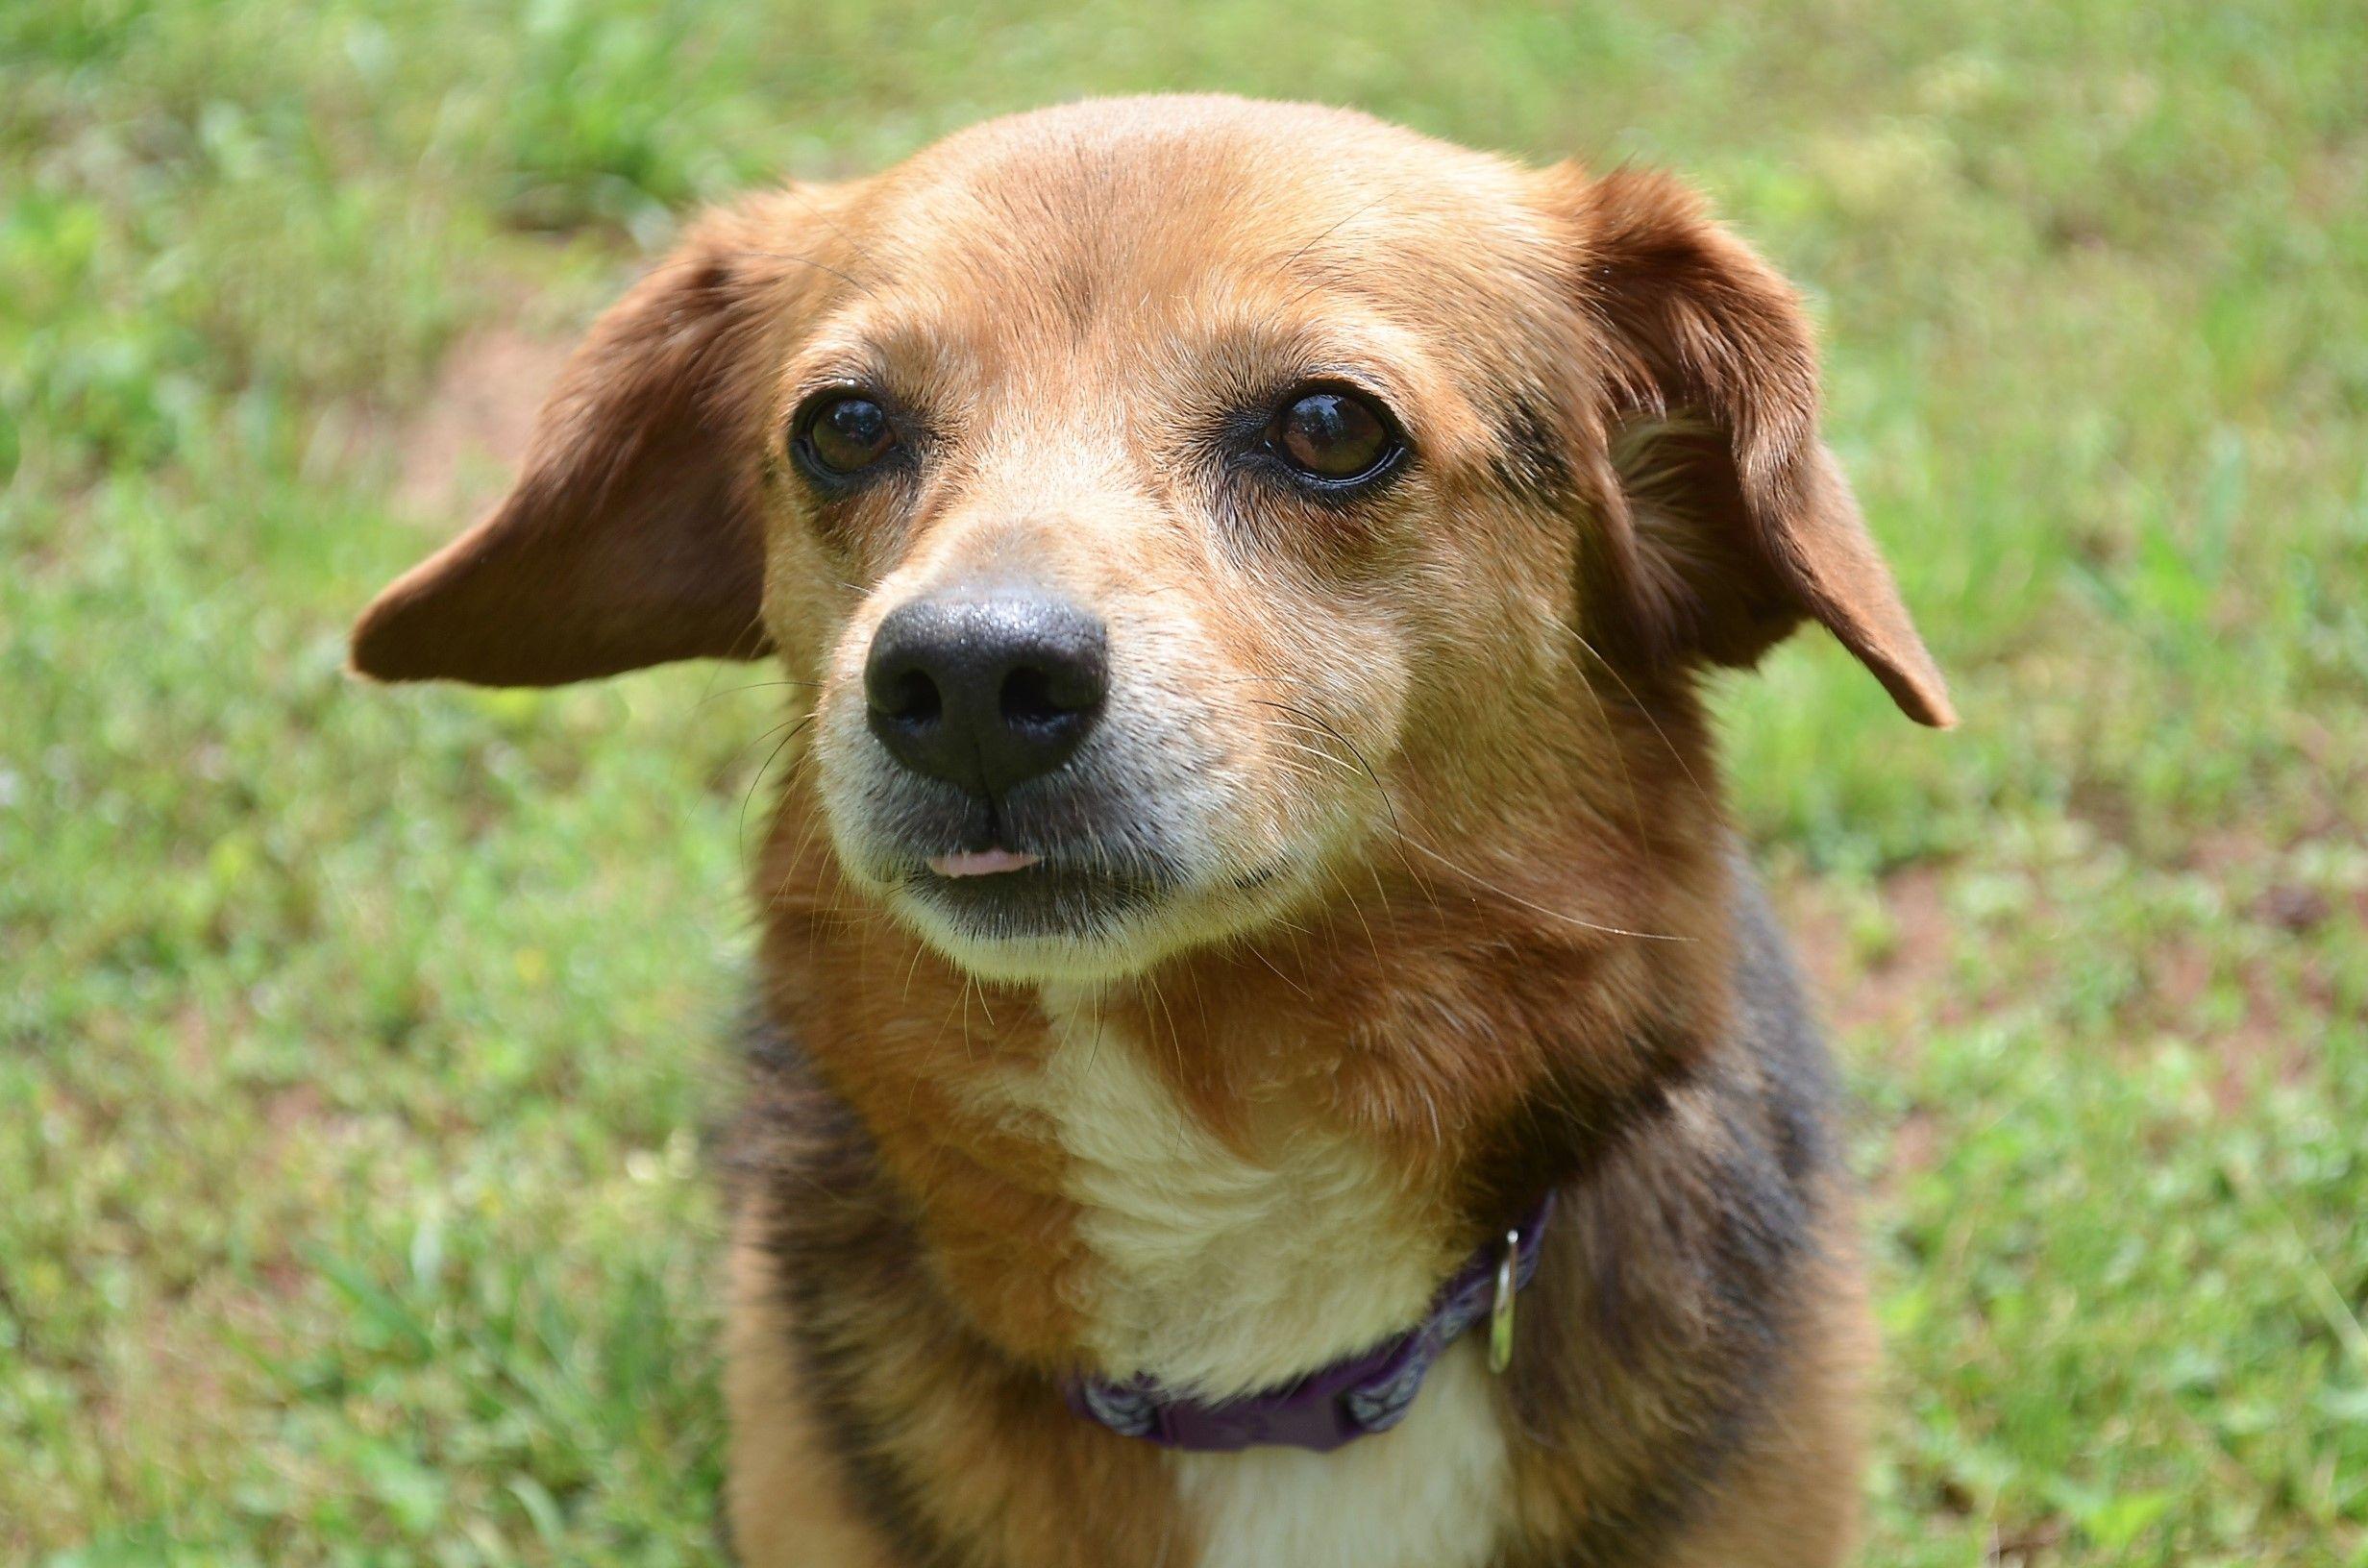 Doxle dog for Adoption in Atlanta GA ADN on PuppyFinder